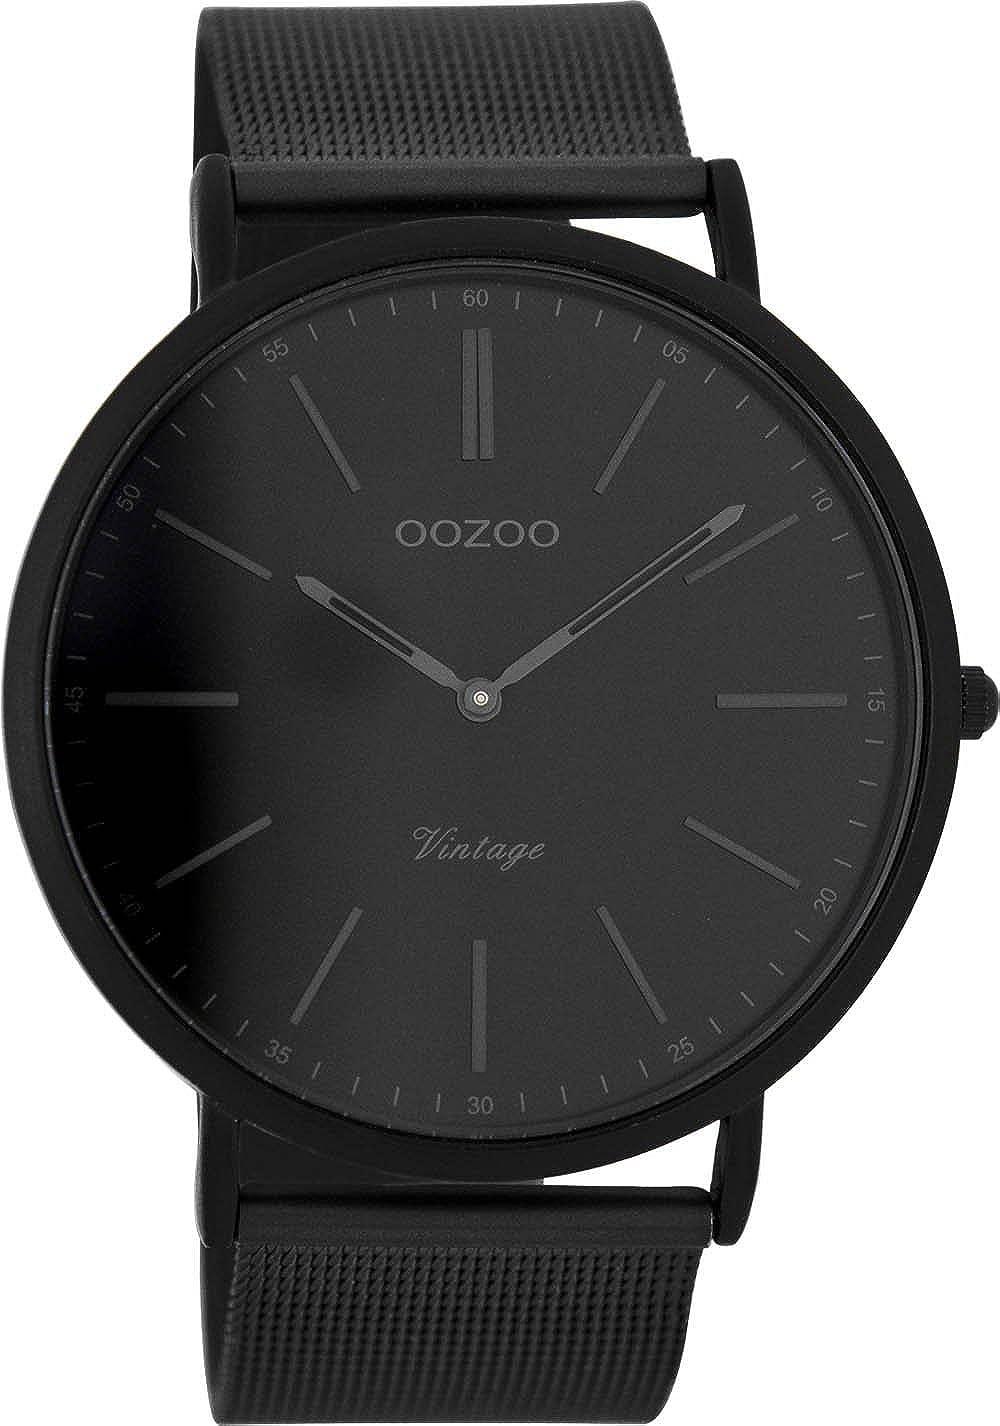 Oozoo Reloj Digital de Cuarzo para Hombre con Correa de Acero Inoxidable – C7384